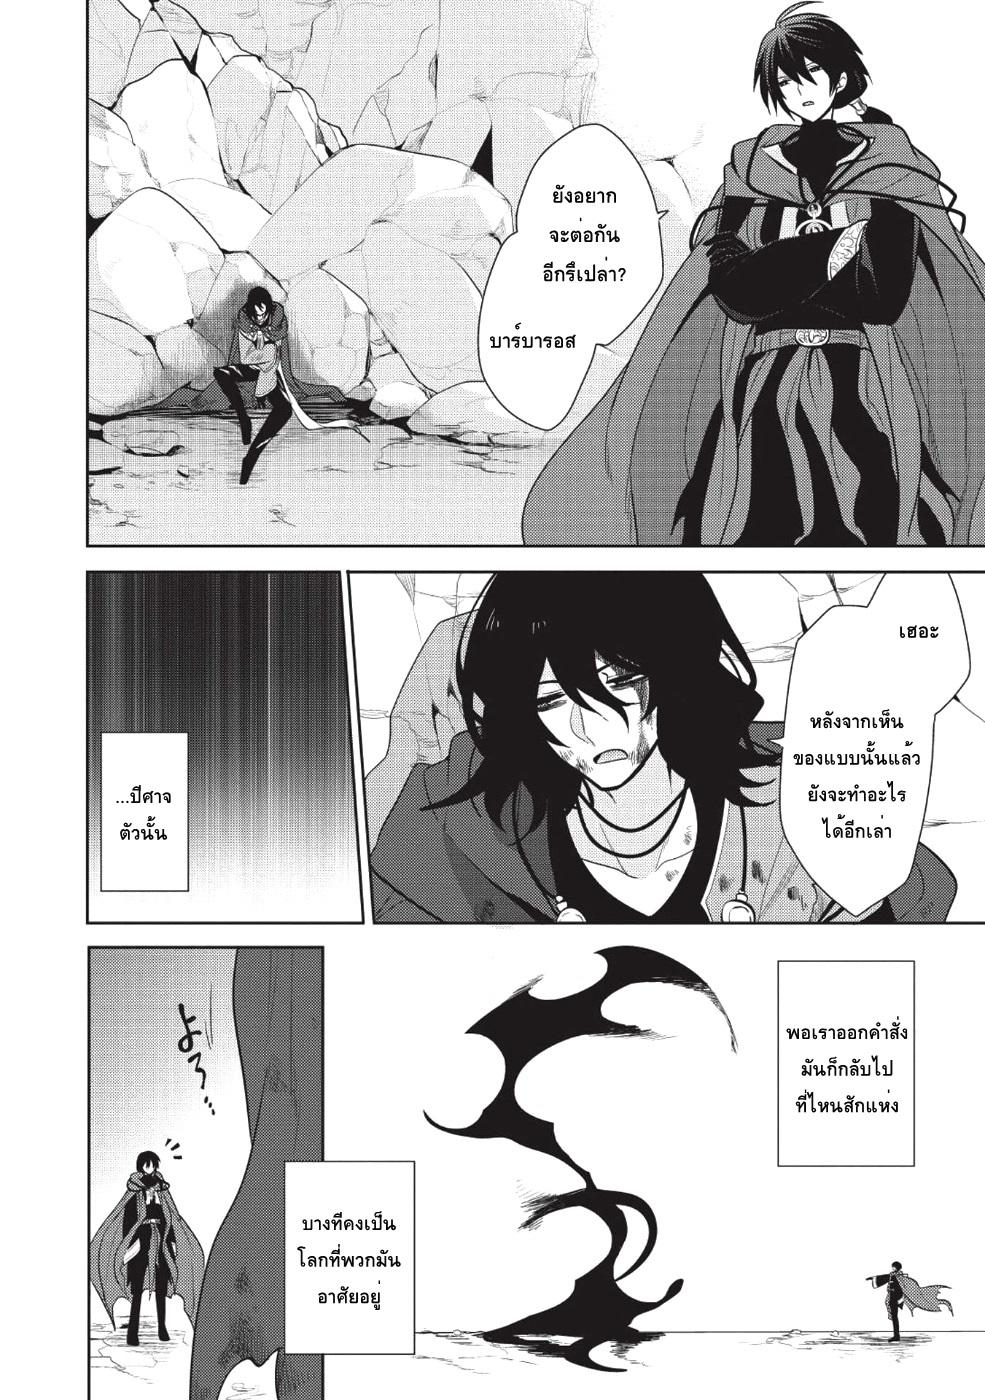 อ่านการ์ตูน Maou no Ore ga Dorei Elf wo Yome ni Shitanda ga Dou Medereba Ii ตอนที่ 13 หน้าที่ 11